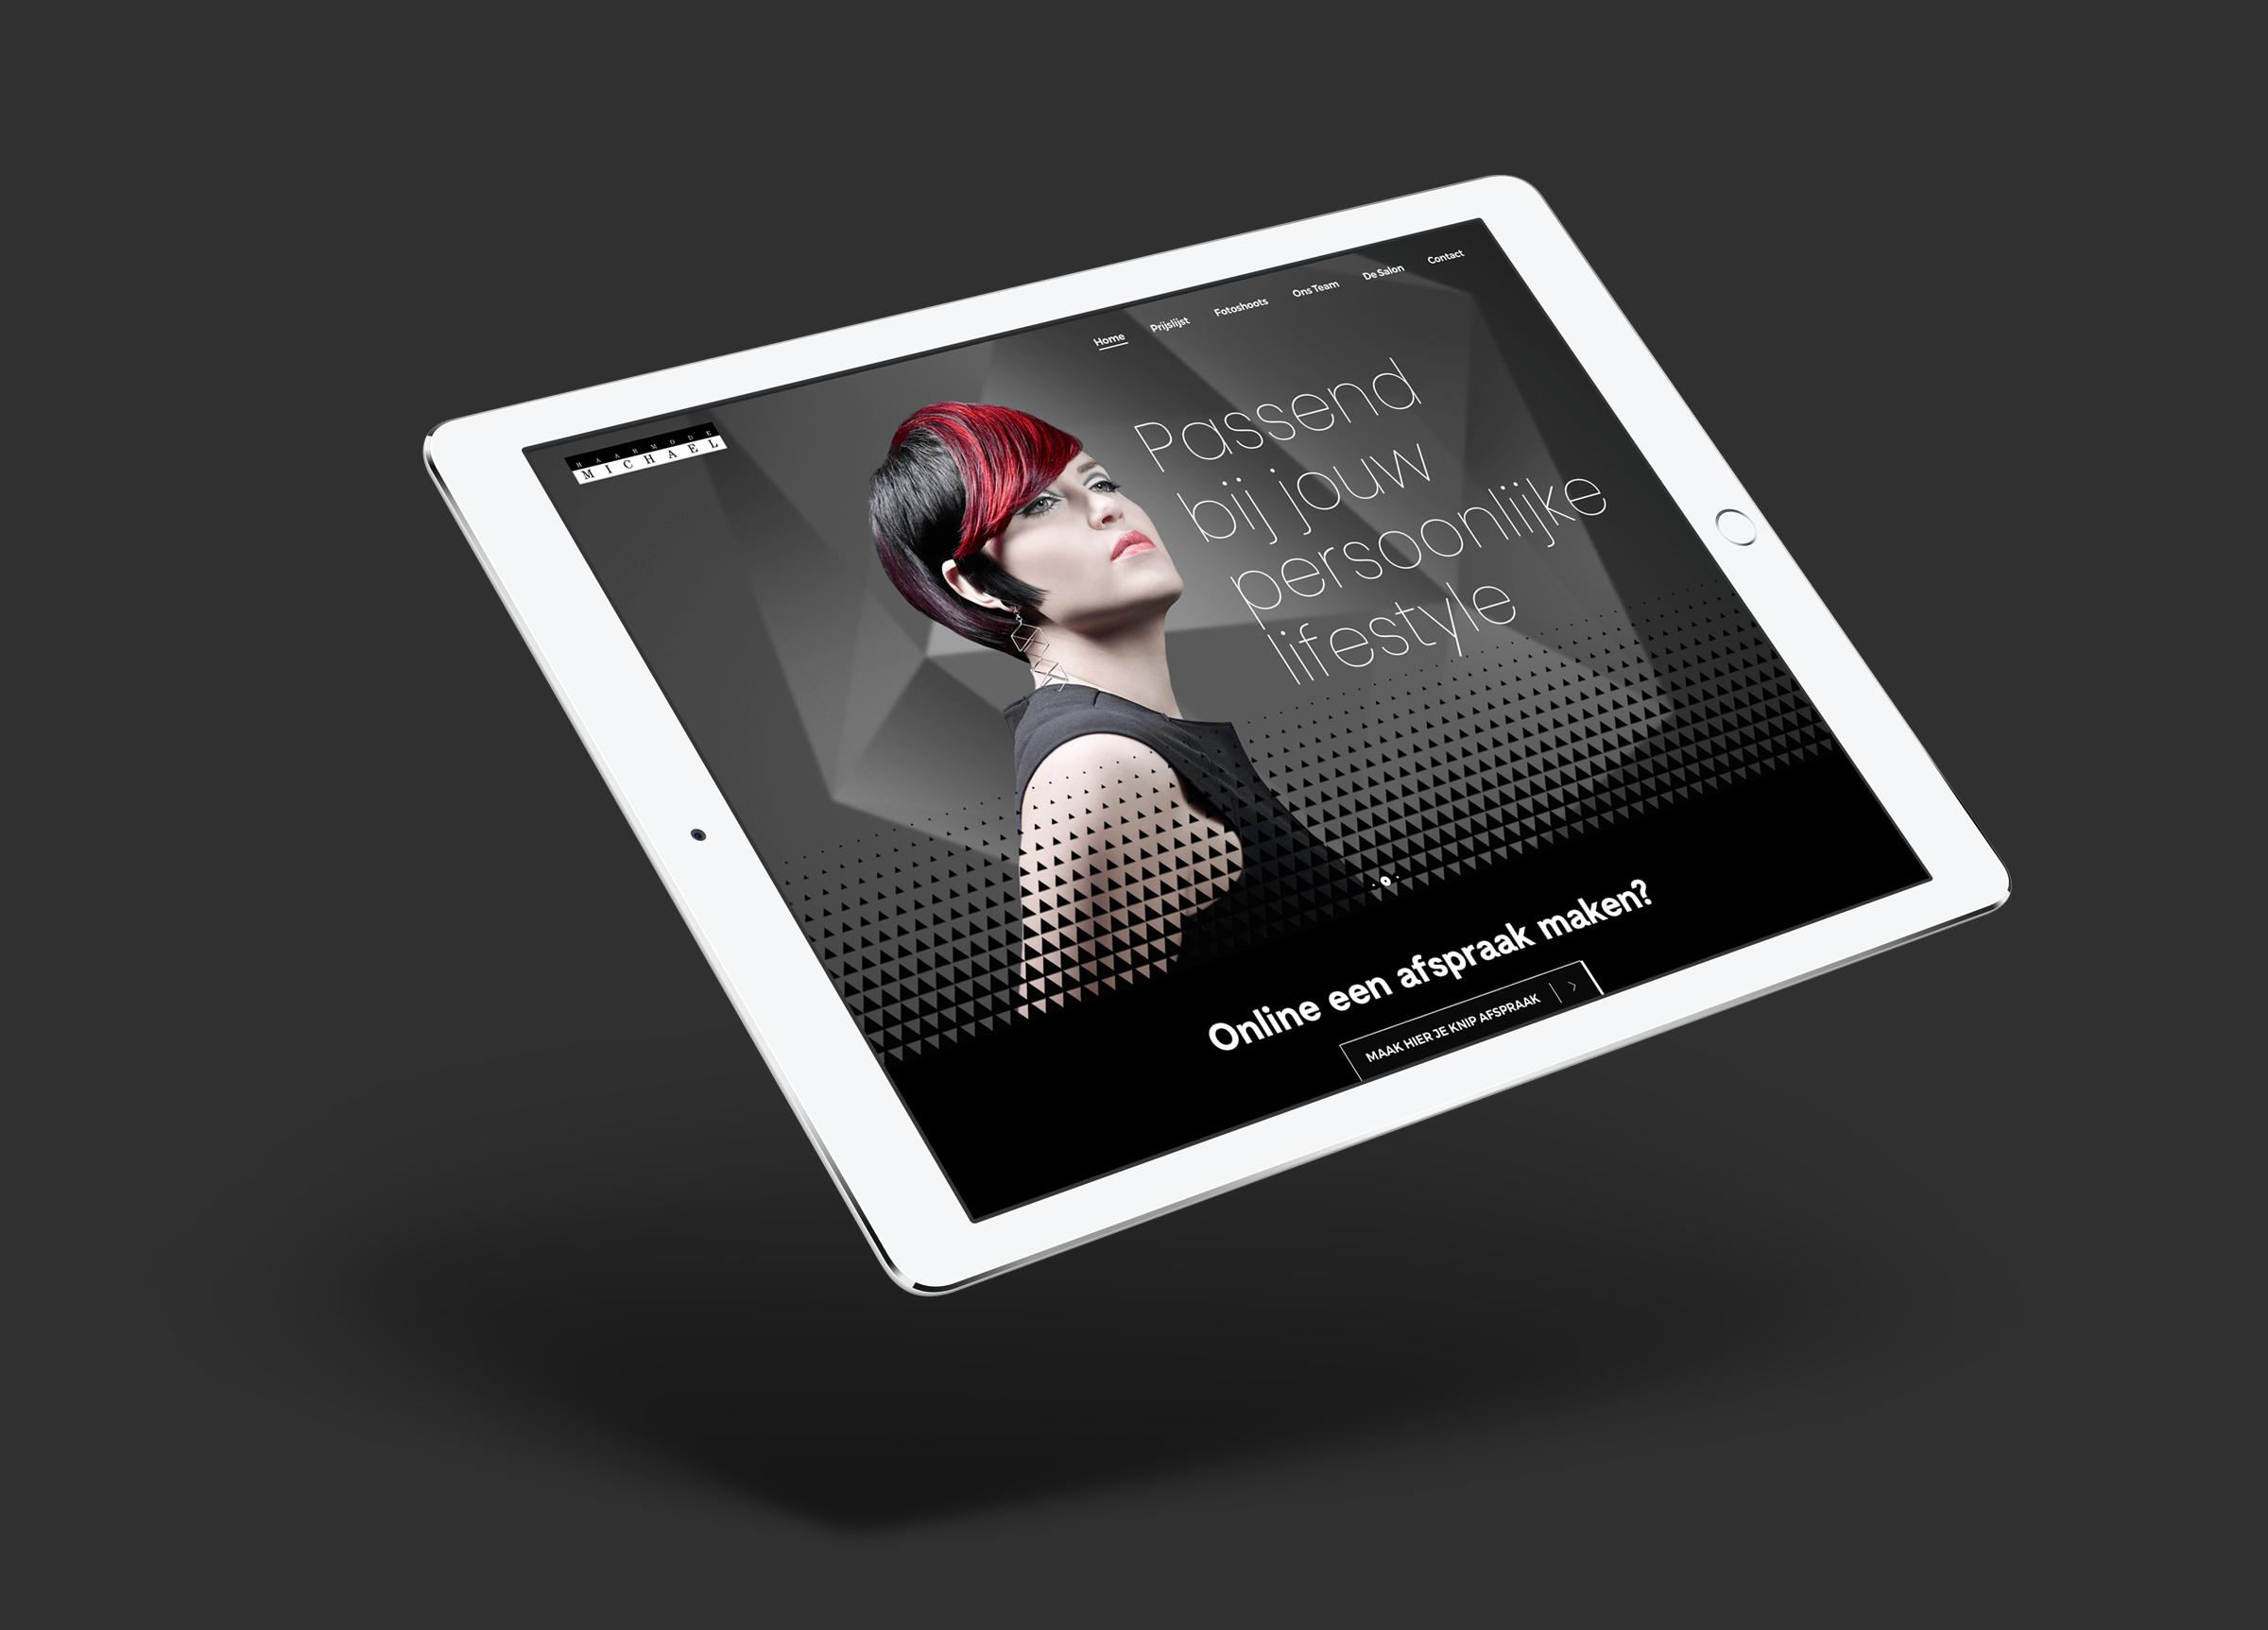 HaarmodeMichael-website-iPad